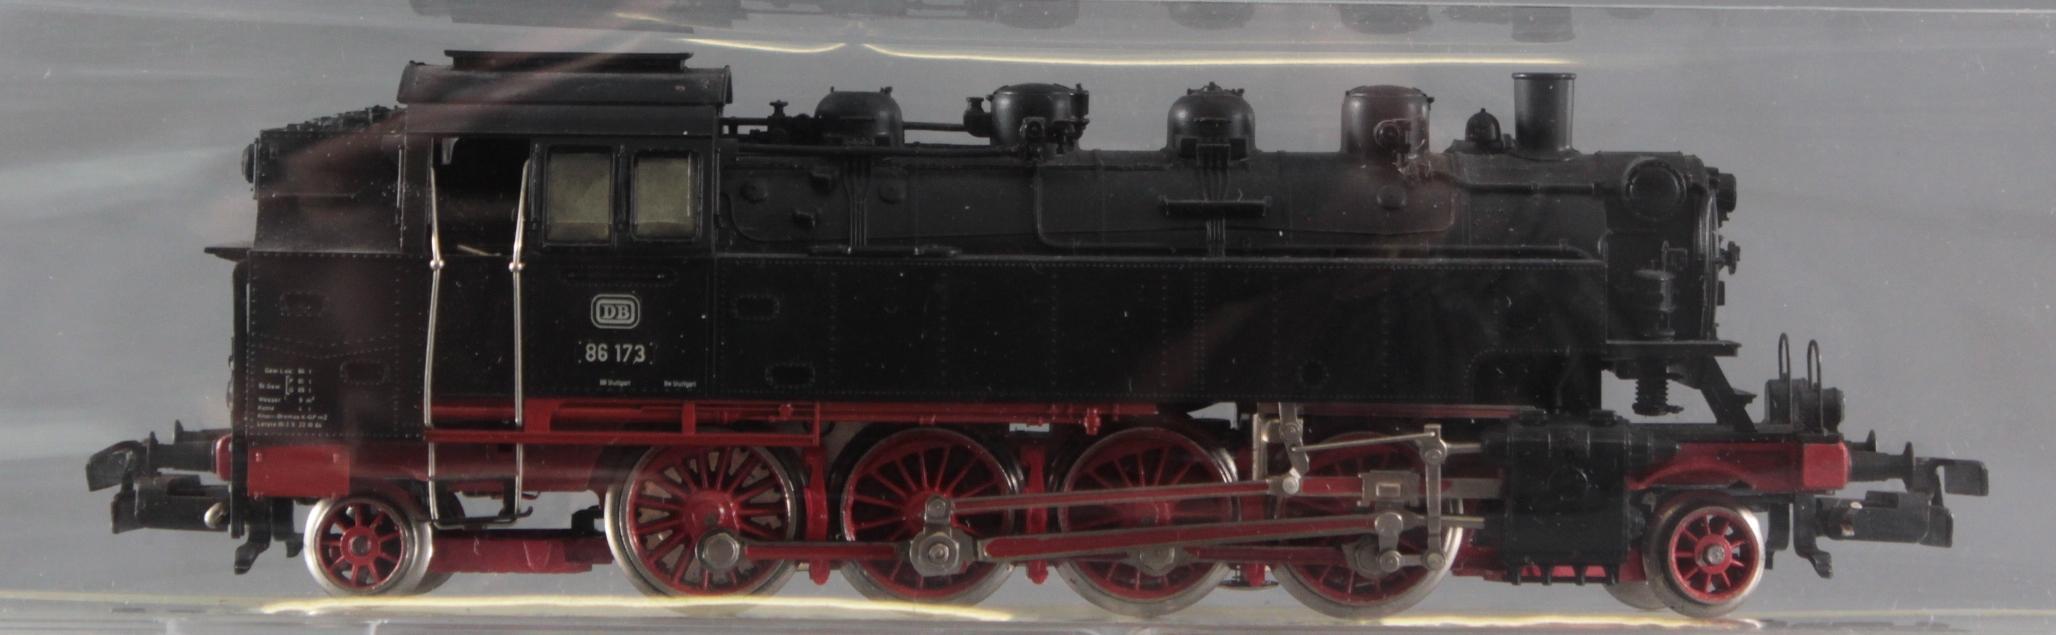 Märklin H0 Dampflok 86 173 mit 6 Fleischmann Güterwaggons-2